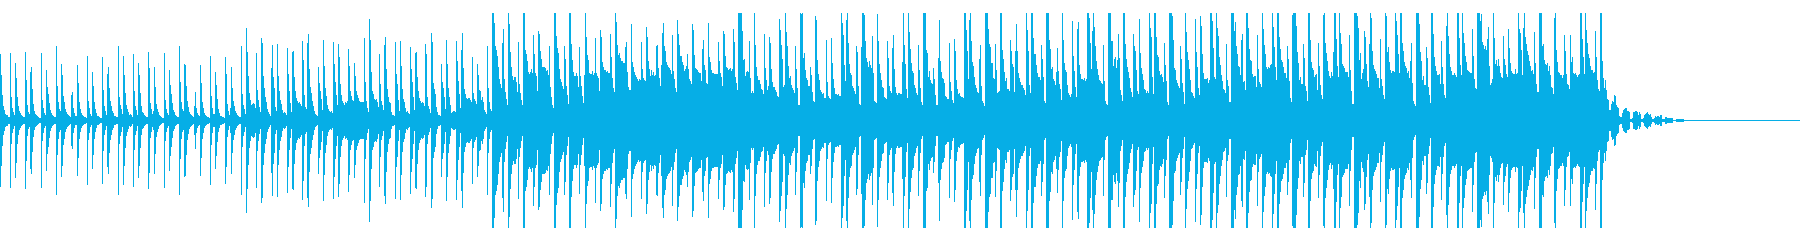 不気味なイメージのすこし変な曲の再生済みの波形